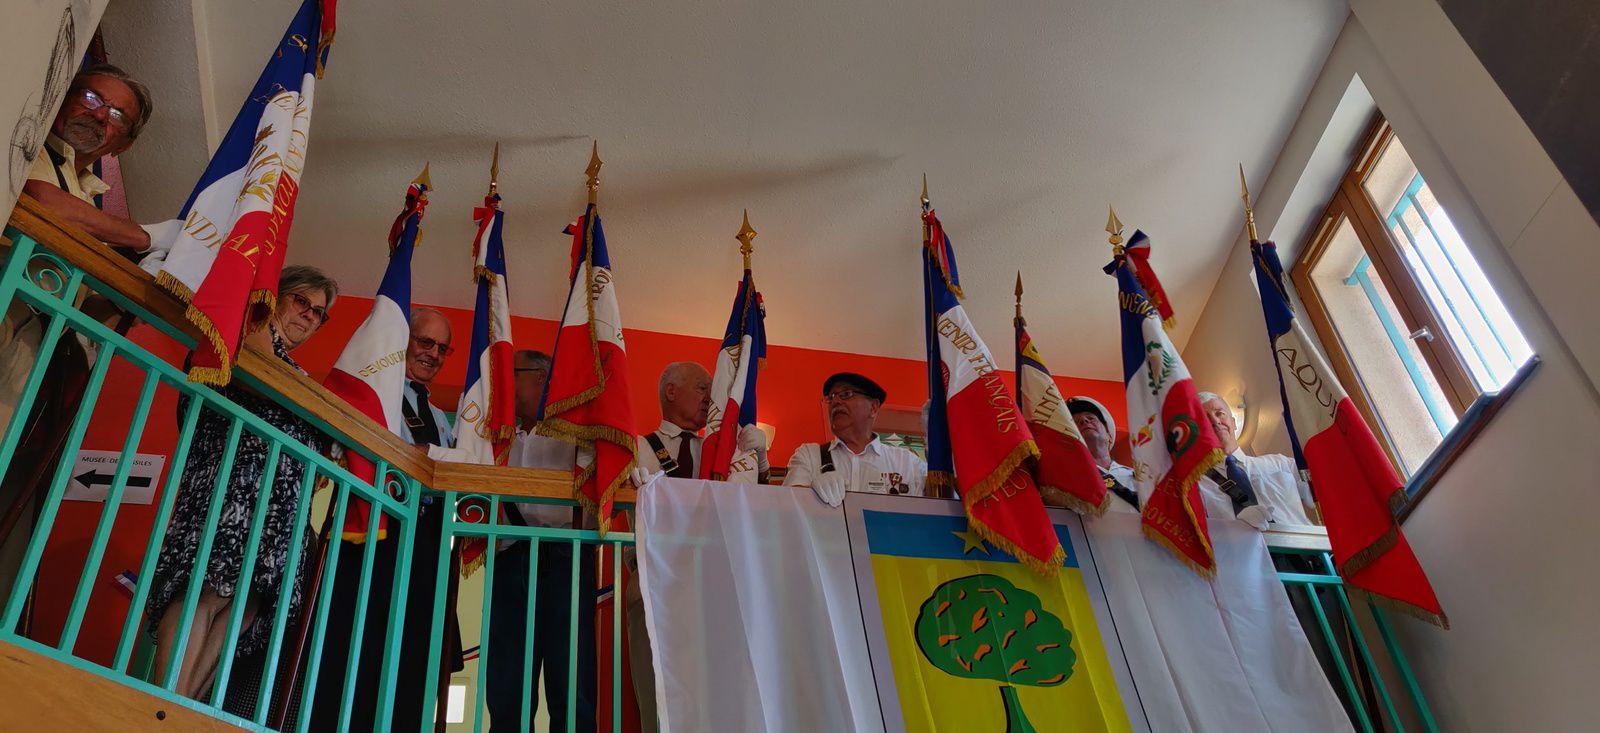 Barrême 75 éme anniversaire: cérémonie émouvante